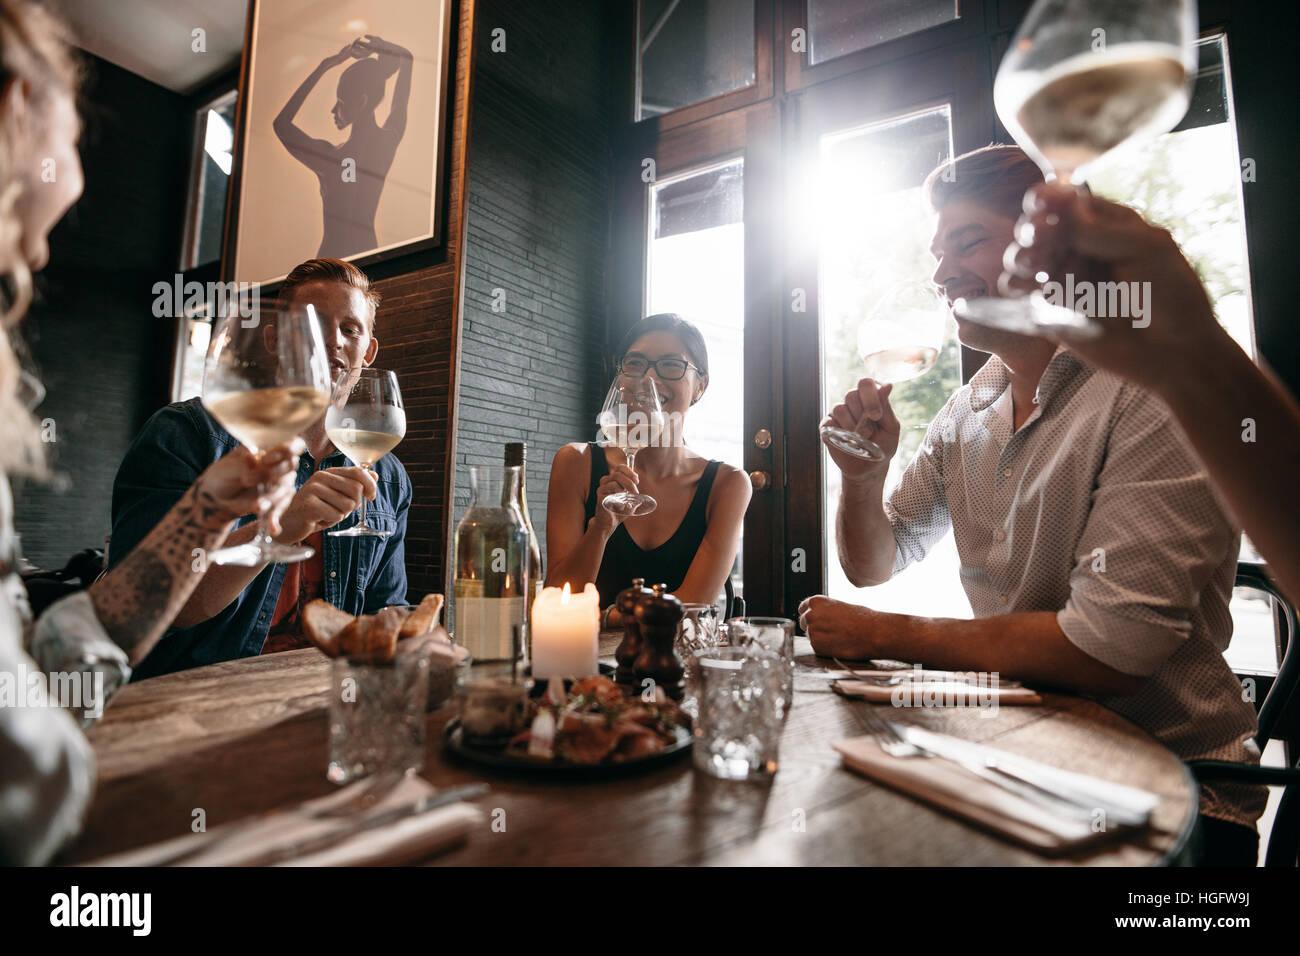 Heterogene Gruppe von jungen Menschen, die Wein im Restaurant. Männer und Frauen treffen in einem Restaurant Stockbild